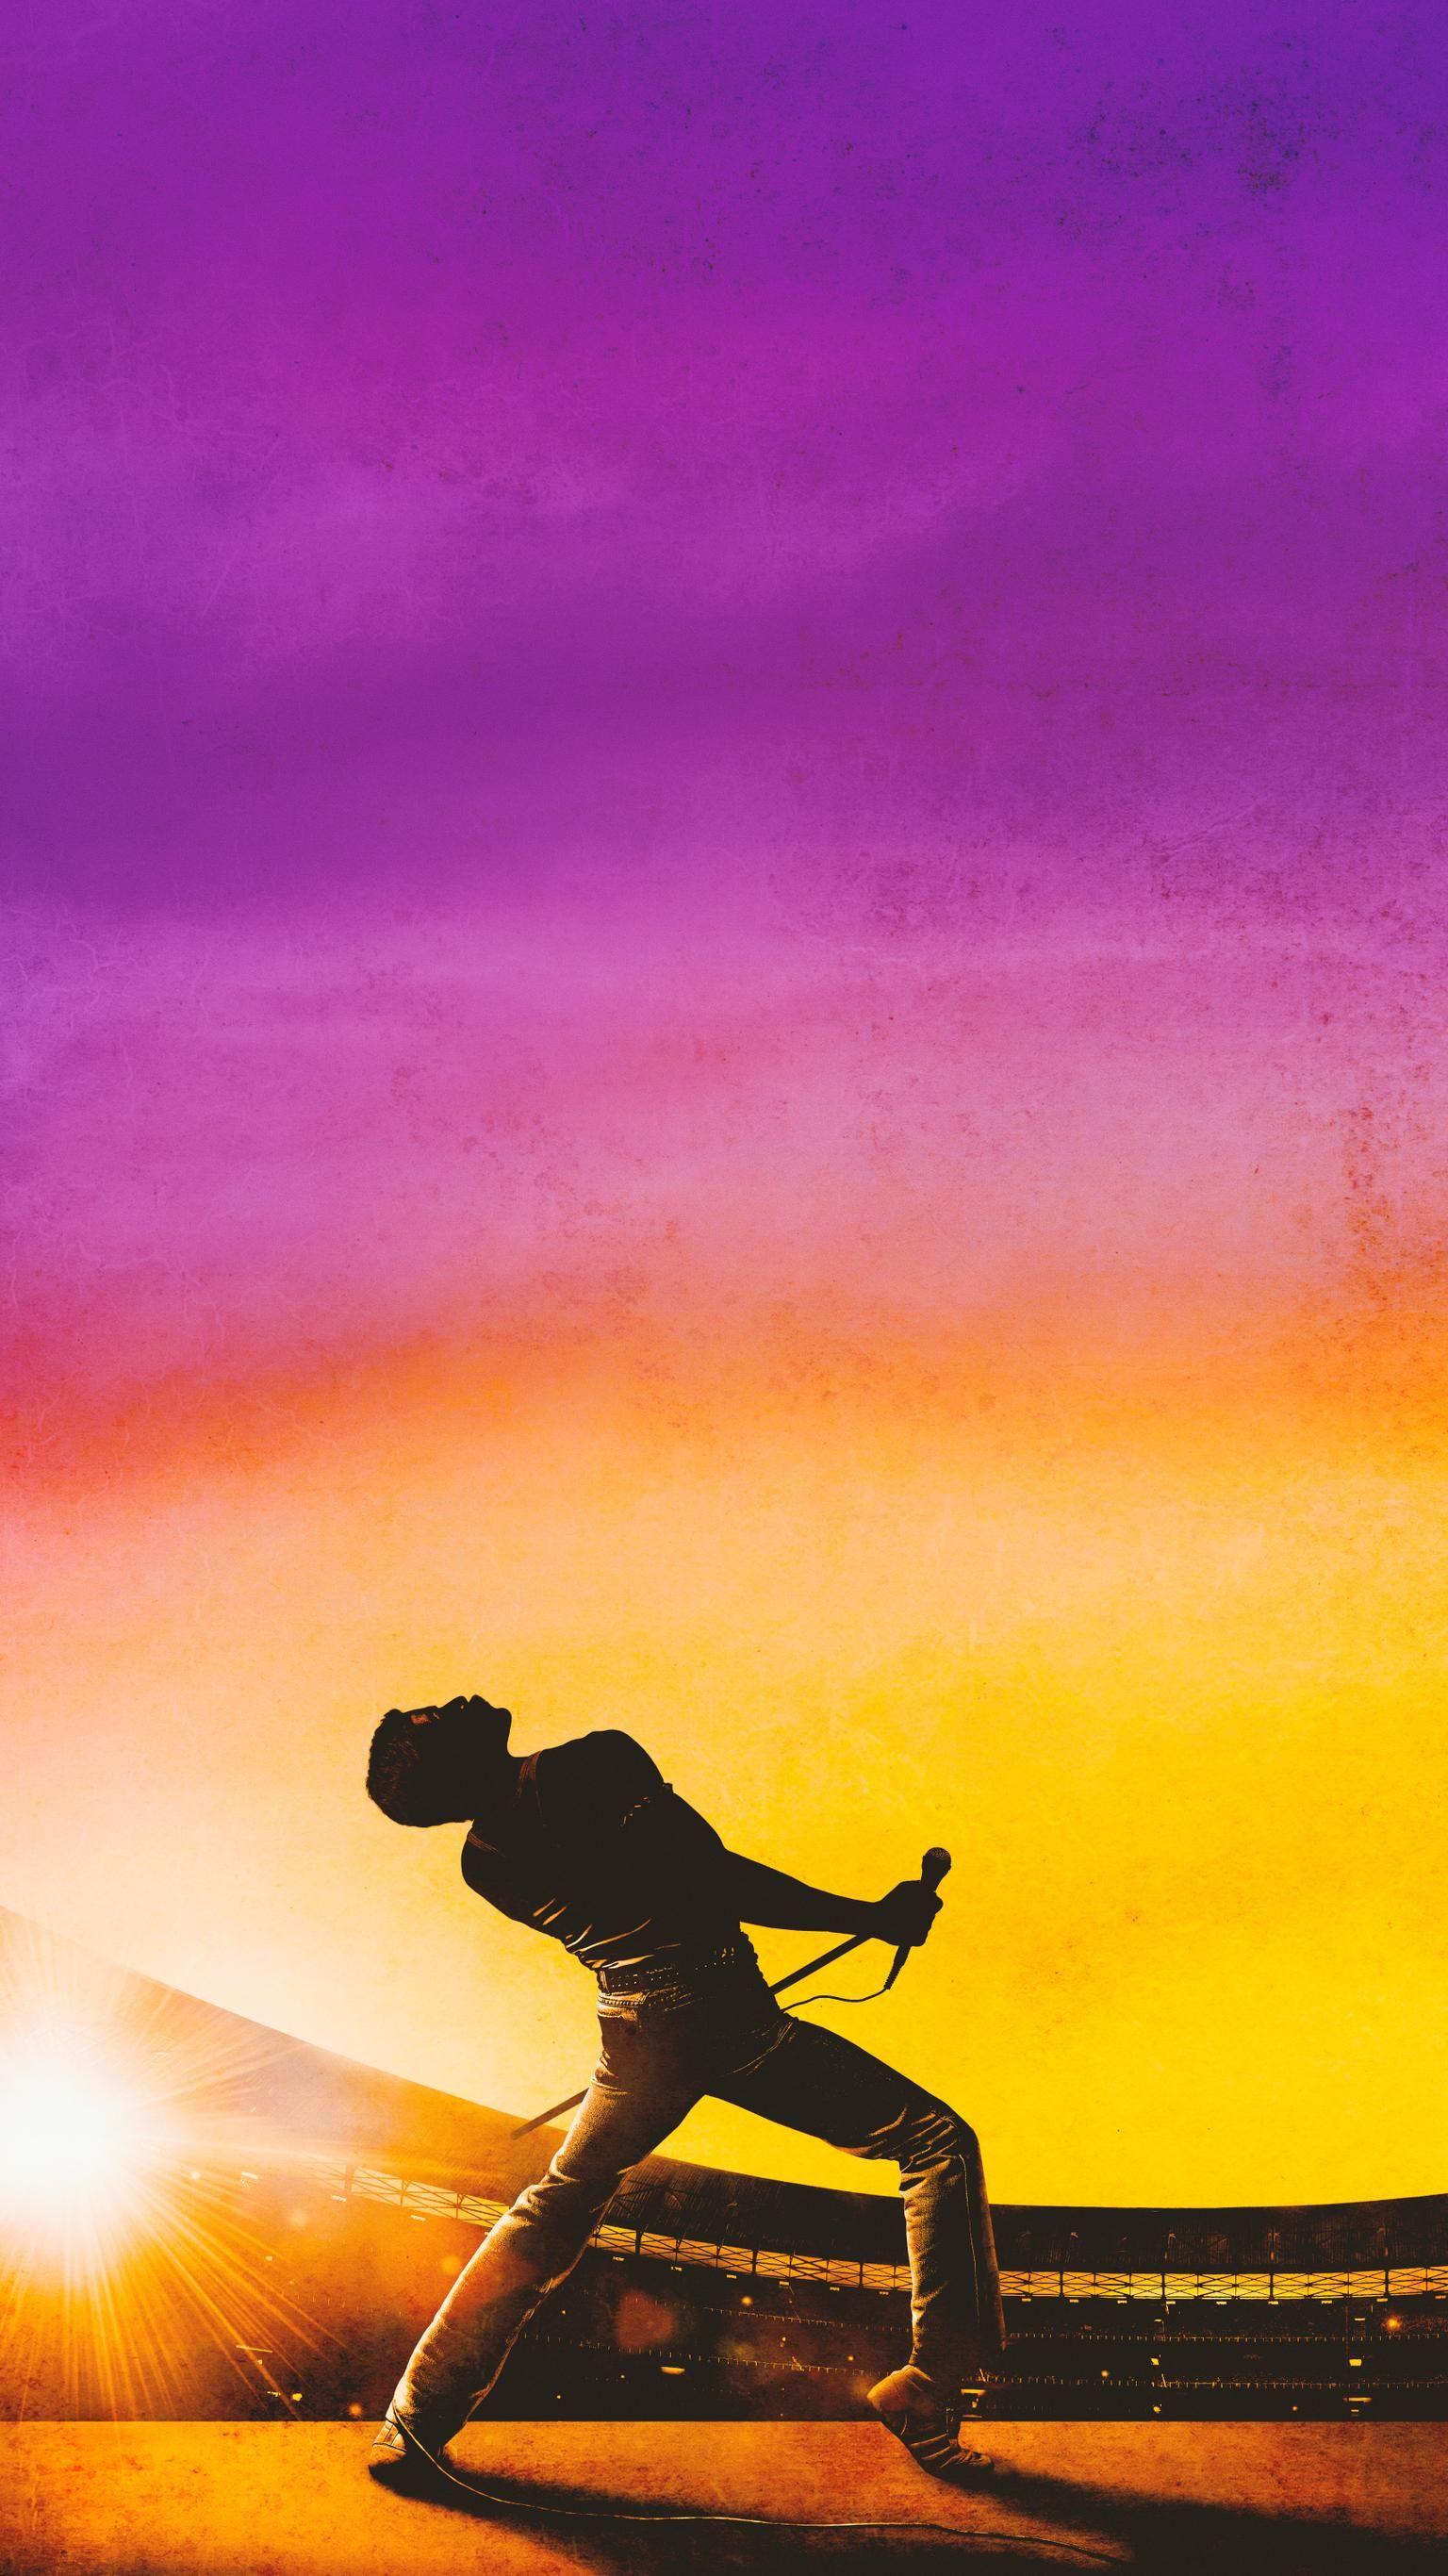 Bohemian Rhapsody 2018 Phone Wallpaper Rainha Arte Papeis De Parede Rock Imagens Aleatorias